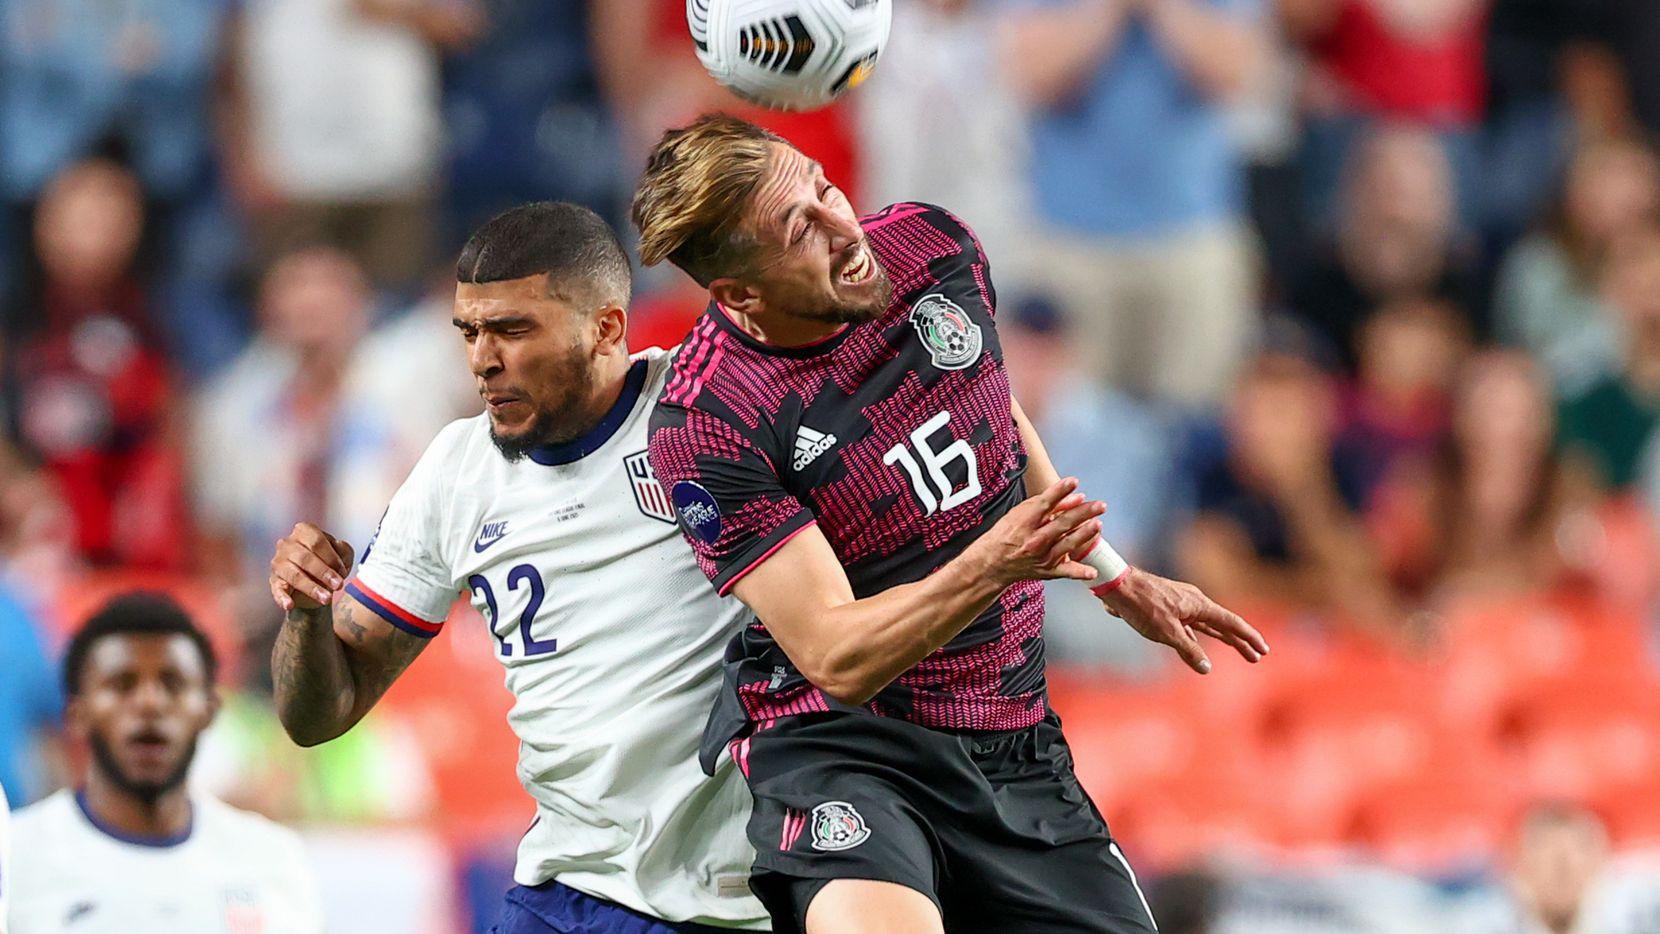 DeAndre Yedlin (der) de  Estados Unidos y Héctor Herrera de México, luchan por el balón durante la final del Campeonato de la Liga de Naciones de Concacaf, el 6 de junio de 2021 en Denver.